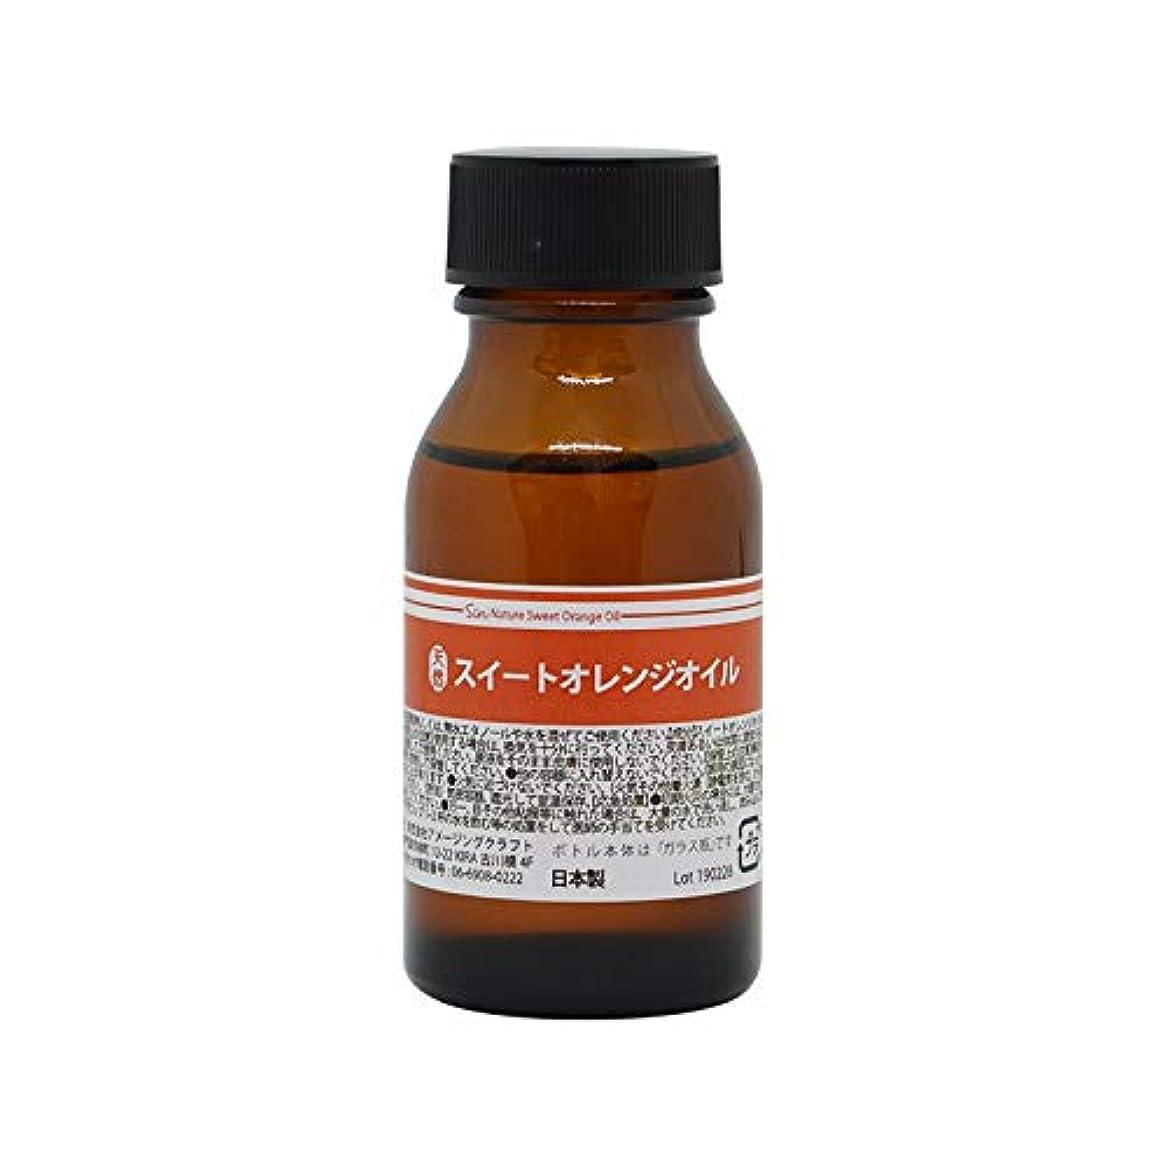 毎回傾向有名人天然100% スイートオレンジオイル 50ml (オレンジスイート) エッセンシャルオイル